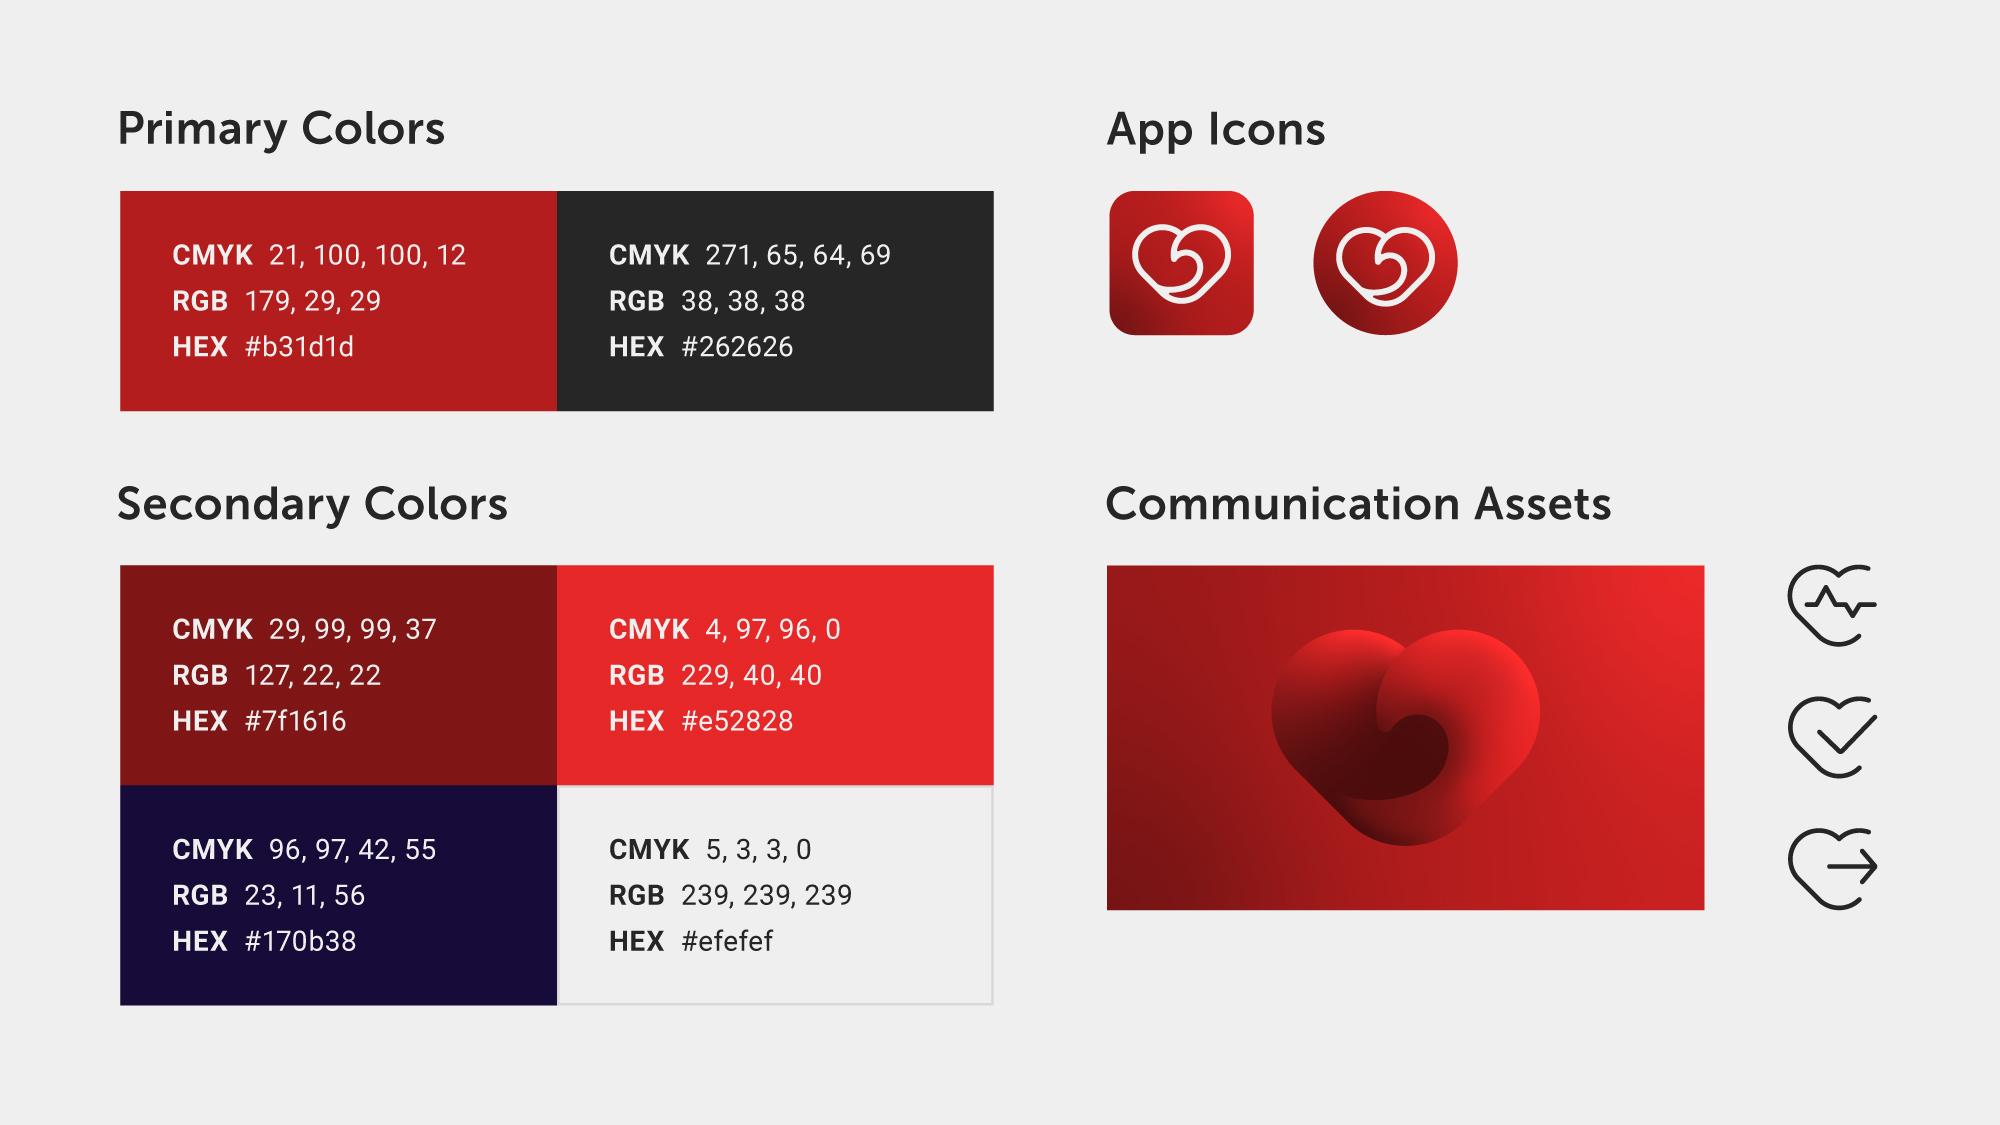 Flow_Colors_Icons_CommAssets